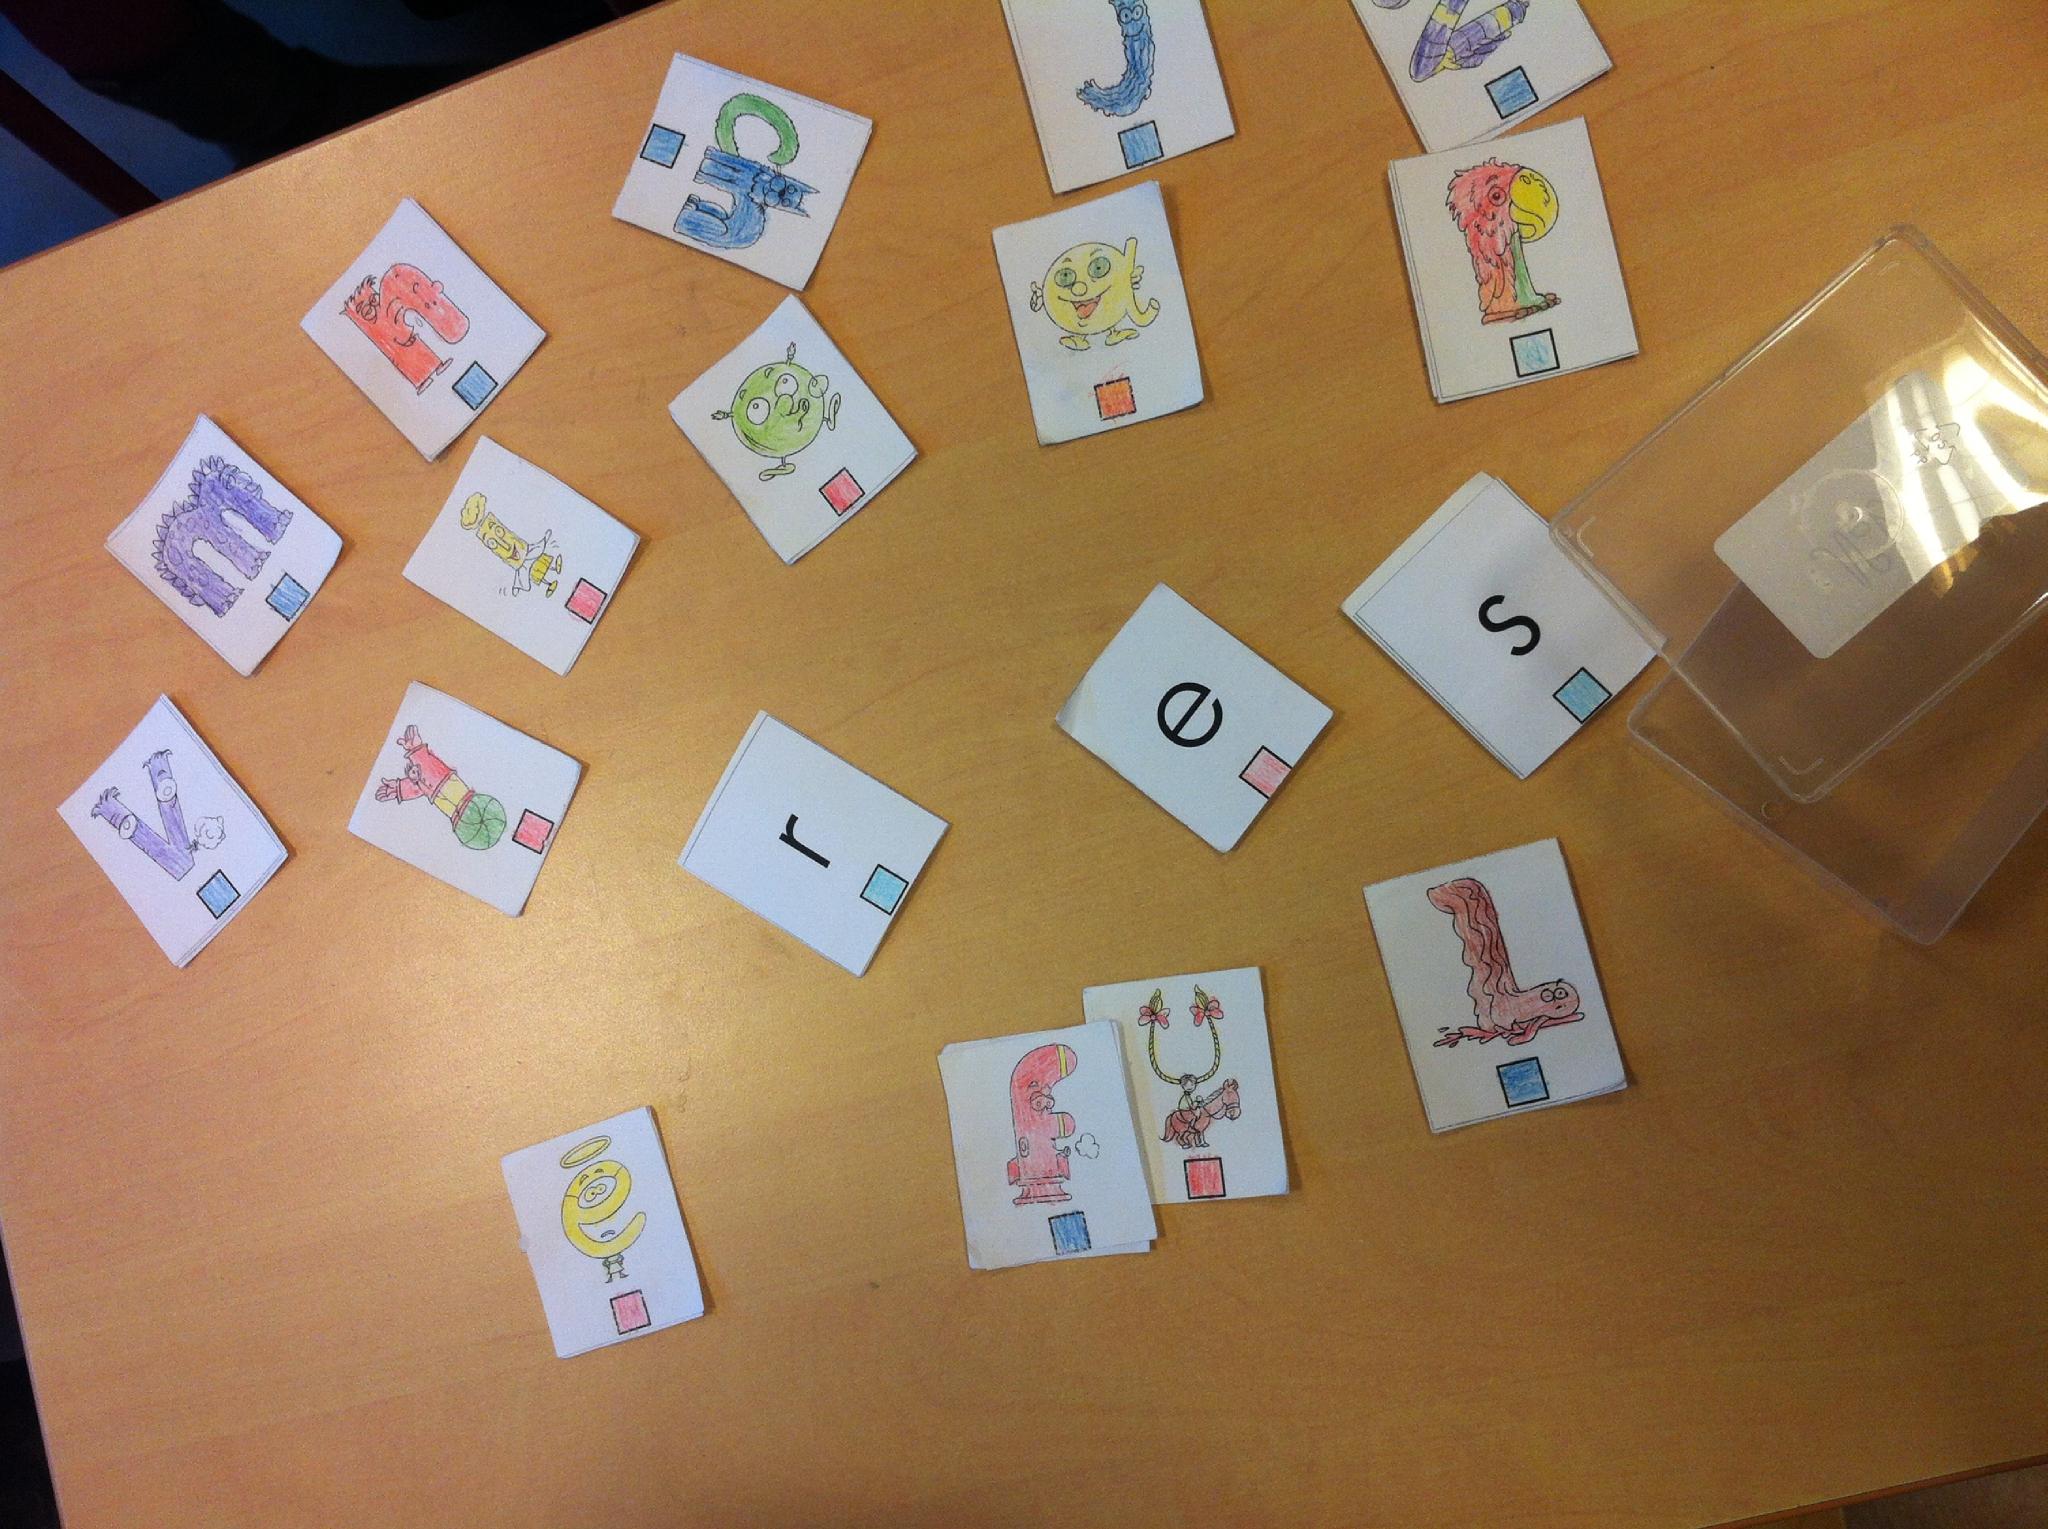 Les Alphas À L'école, Apprendre À Lire En S'amusant. - Sunnyreve concernant Apprendre Les Lettres En Jouant